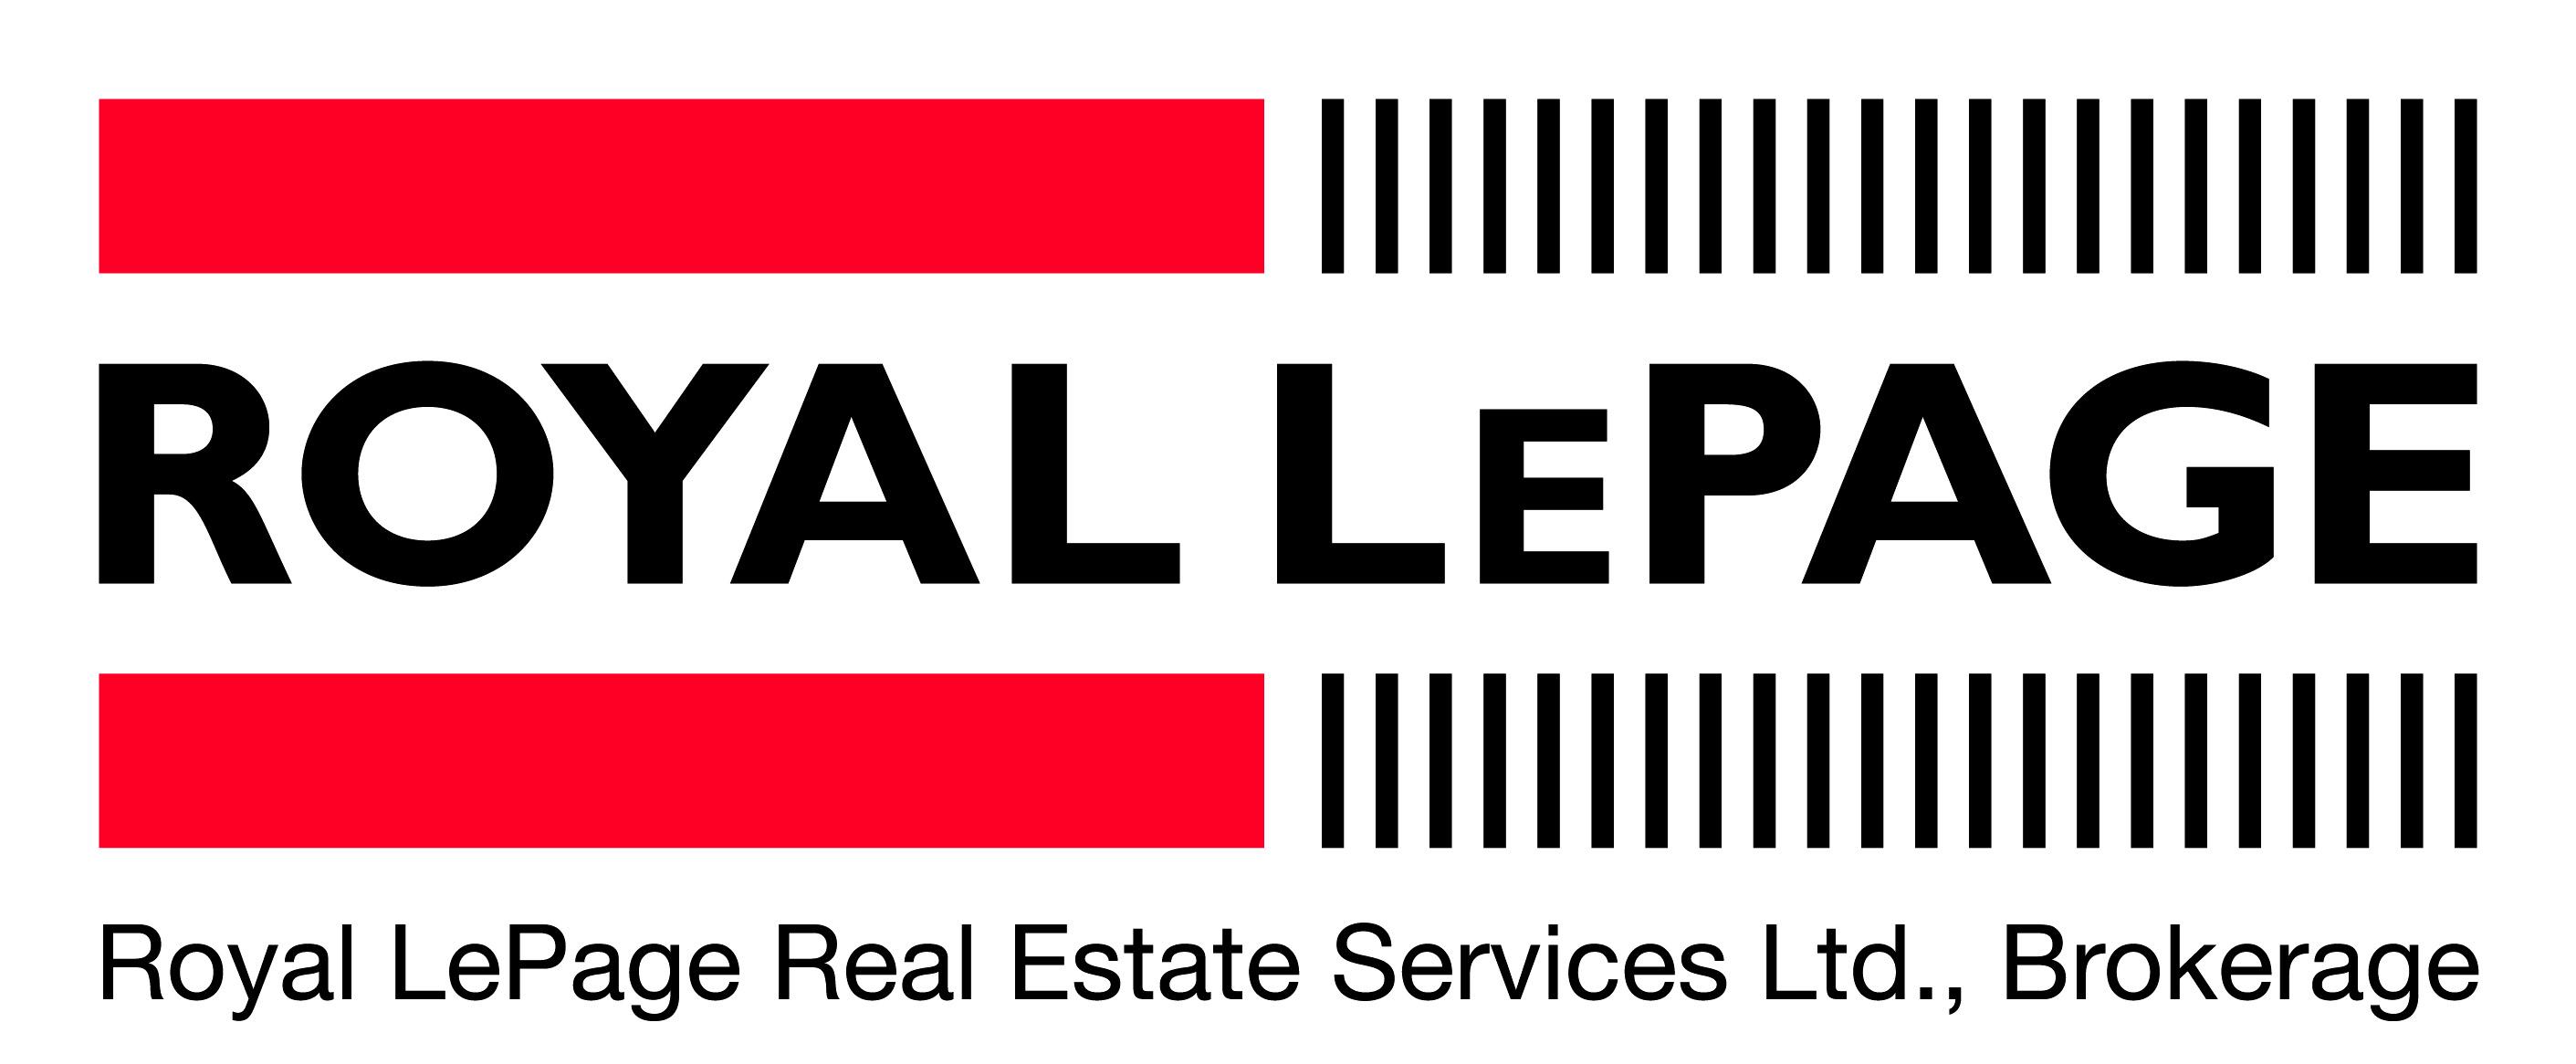 ROYAL LEPAGE REAL ESTATE SERVICES LTD., Brokerage